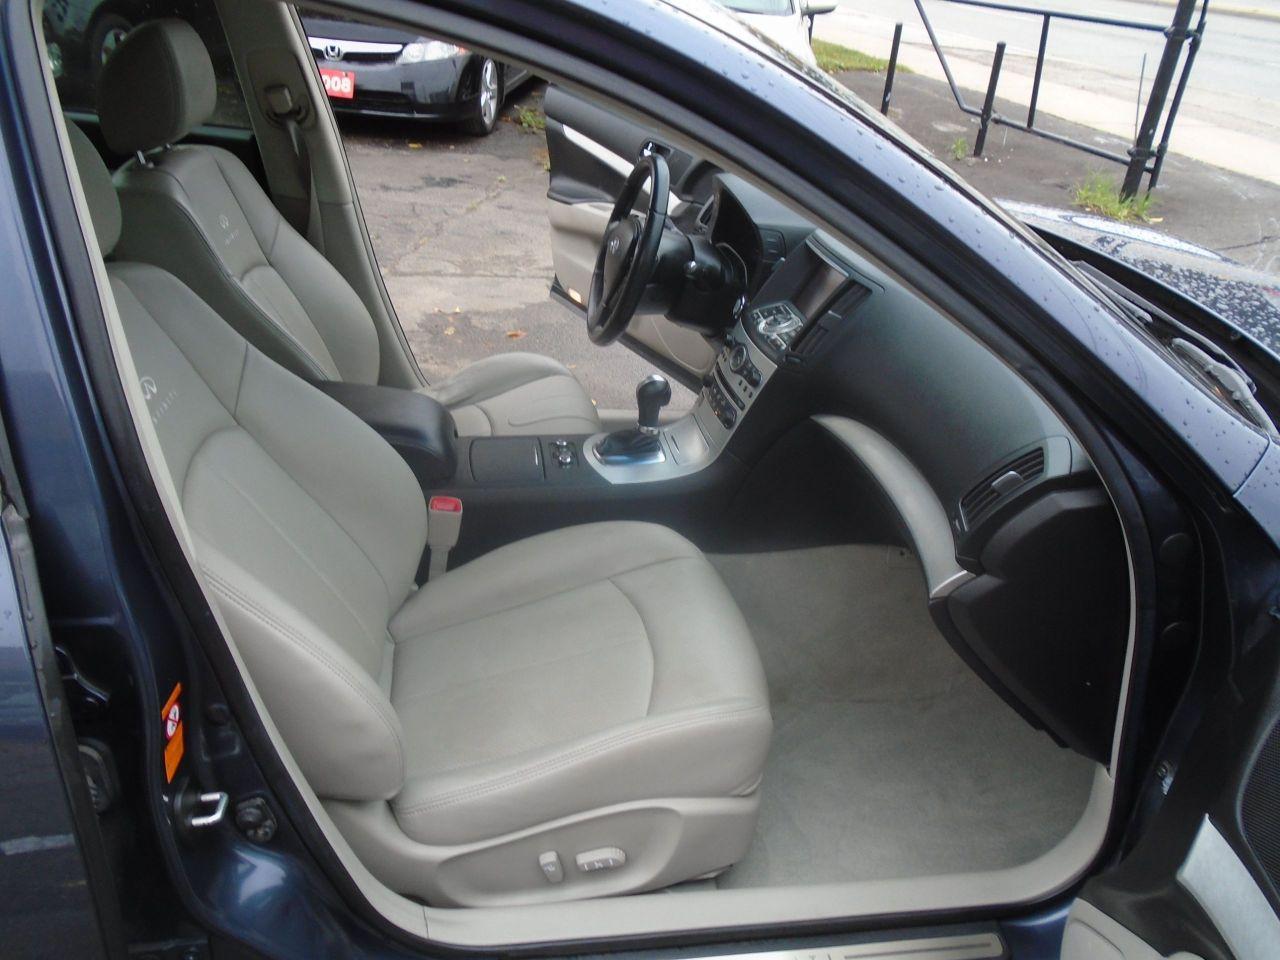 2009 Infiniti G37X